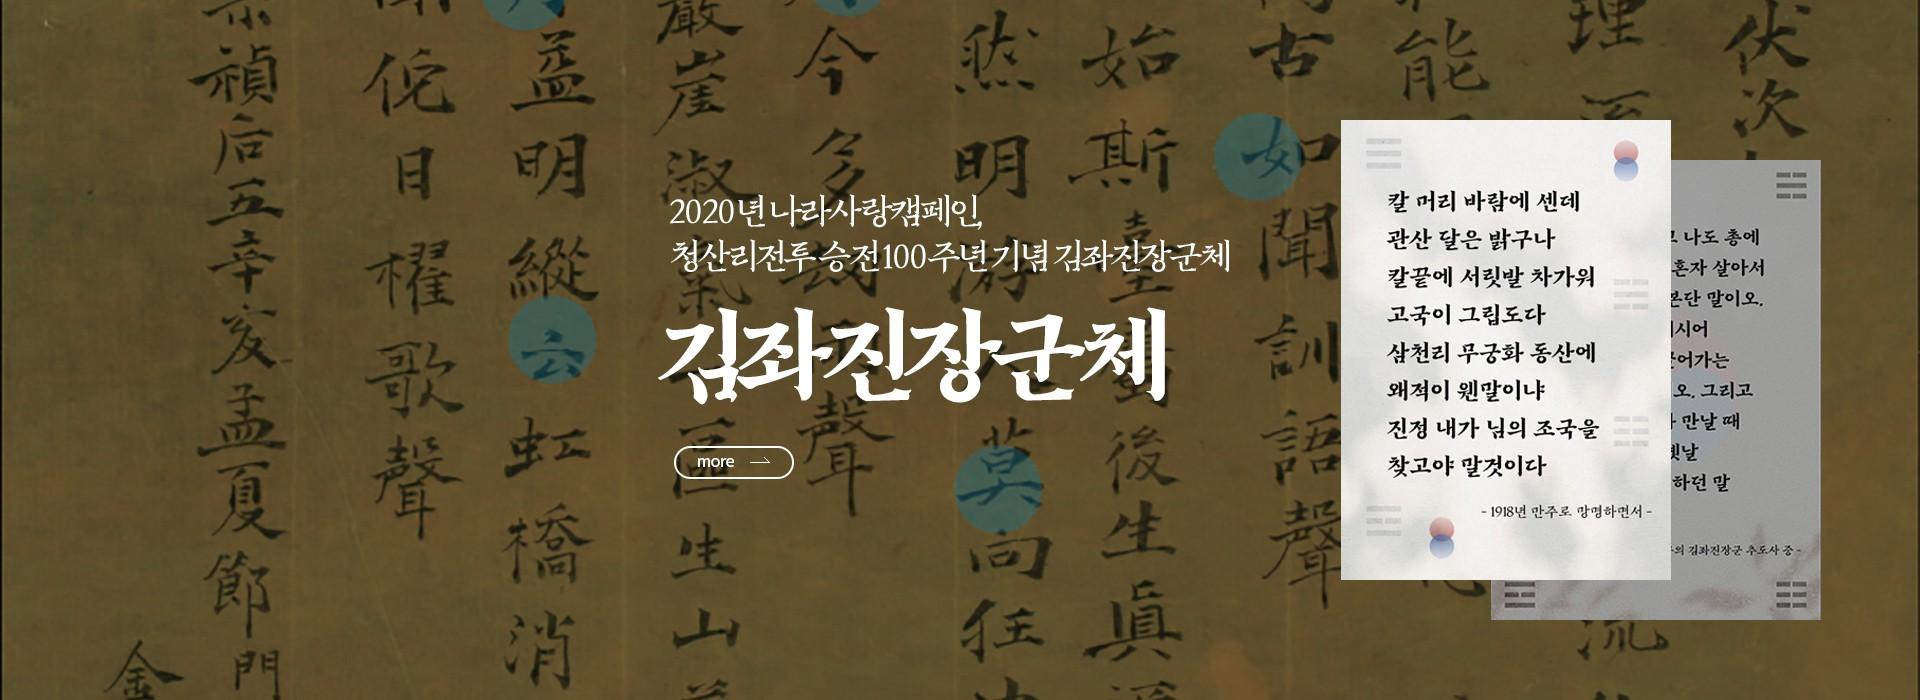 김좌진장군 서체